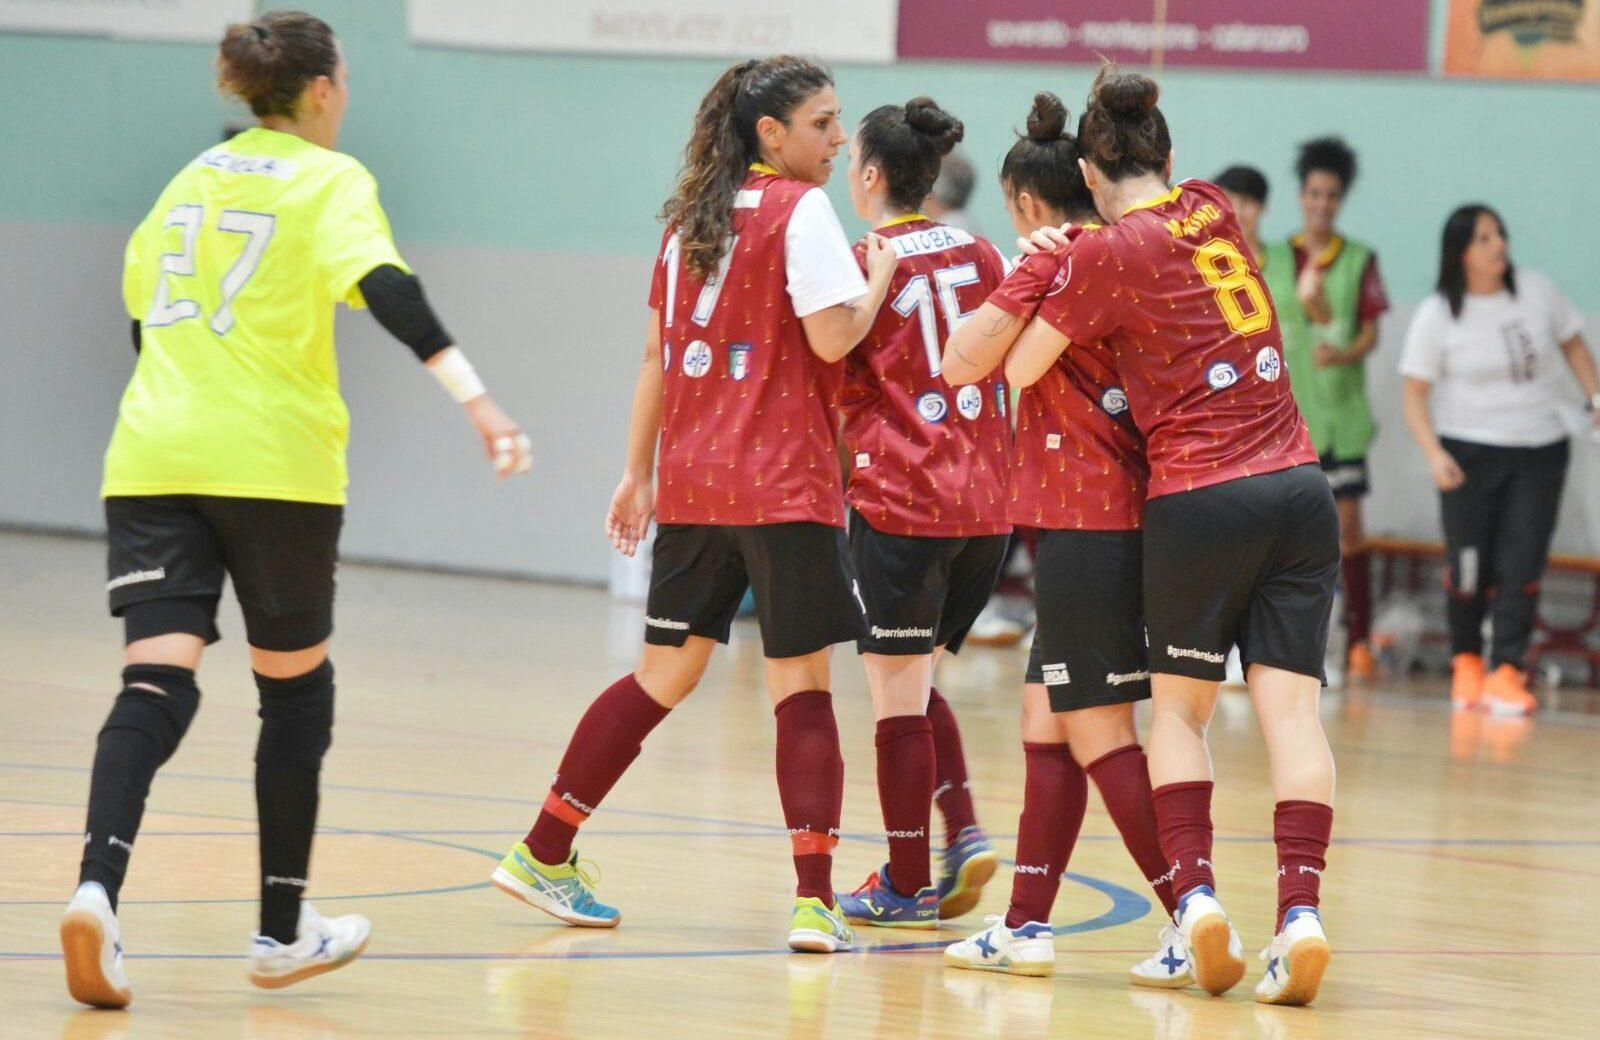 Chiude lo Sporting Locri femminile, il presidente: «Quello che non rovina la 'ndrangheta lo distrugge la burocrazia»